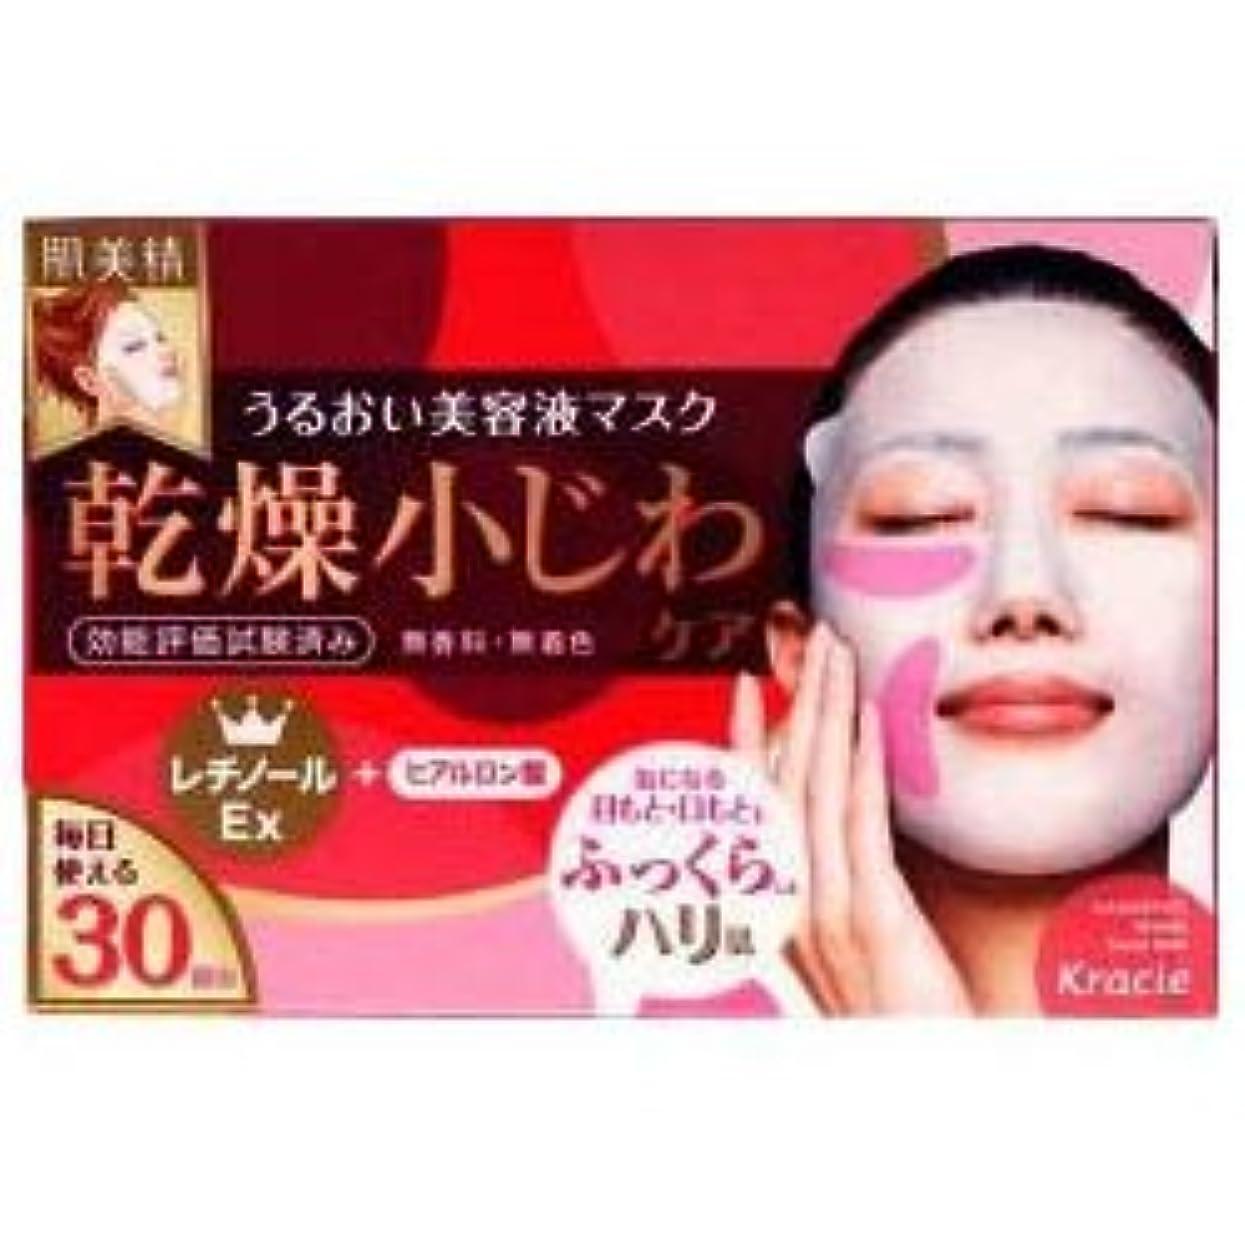 そこ寛容な期待する【クラシエ】肌美精 デイリーリンクルケア美容液マスク 30枚 ×20個セット